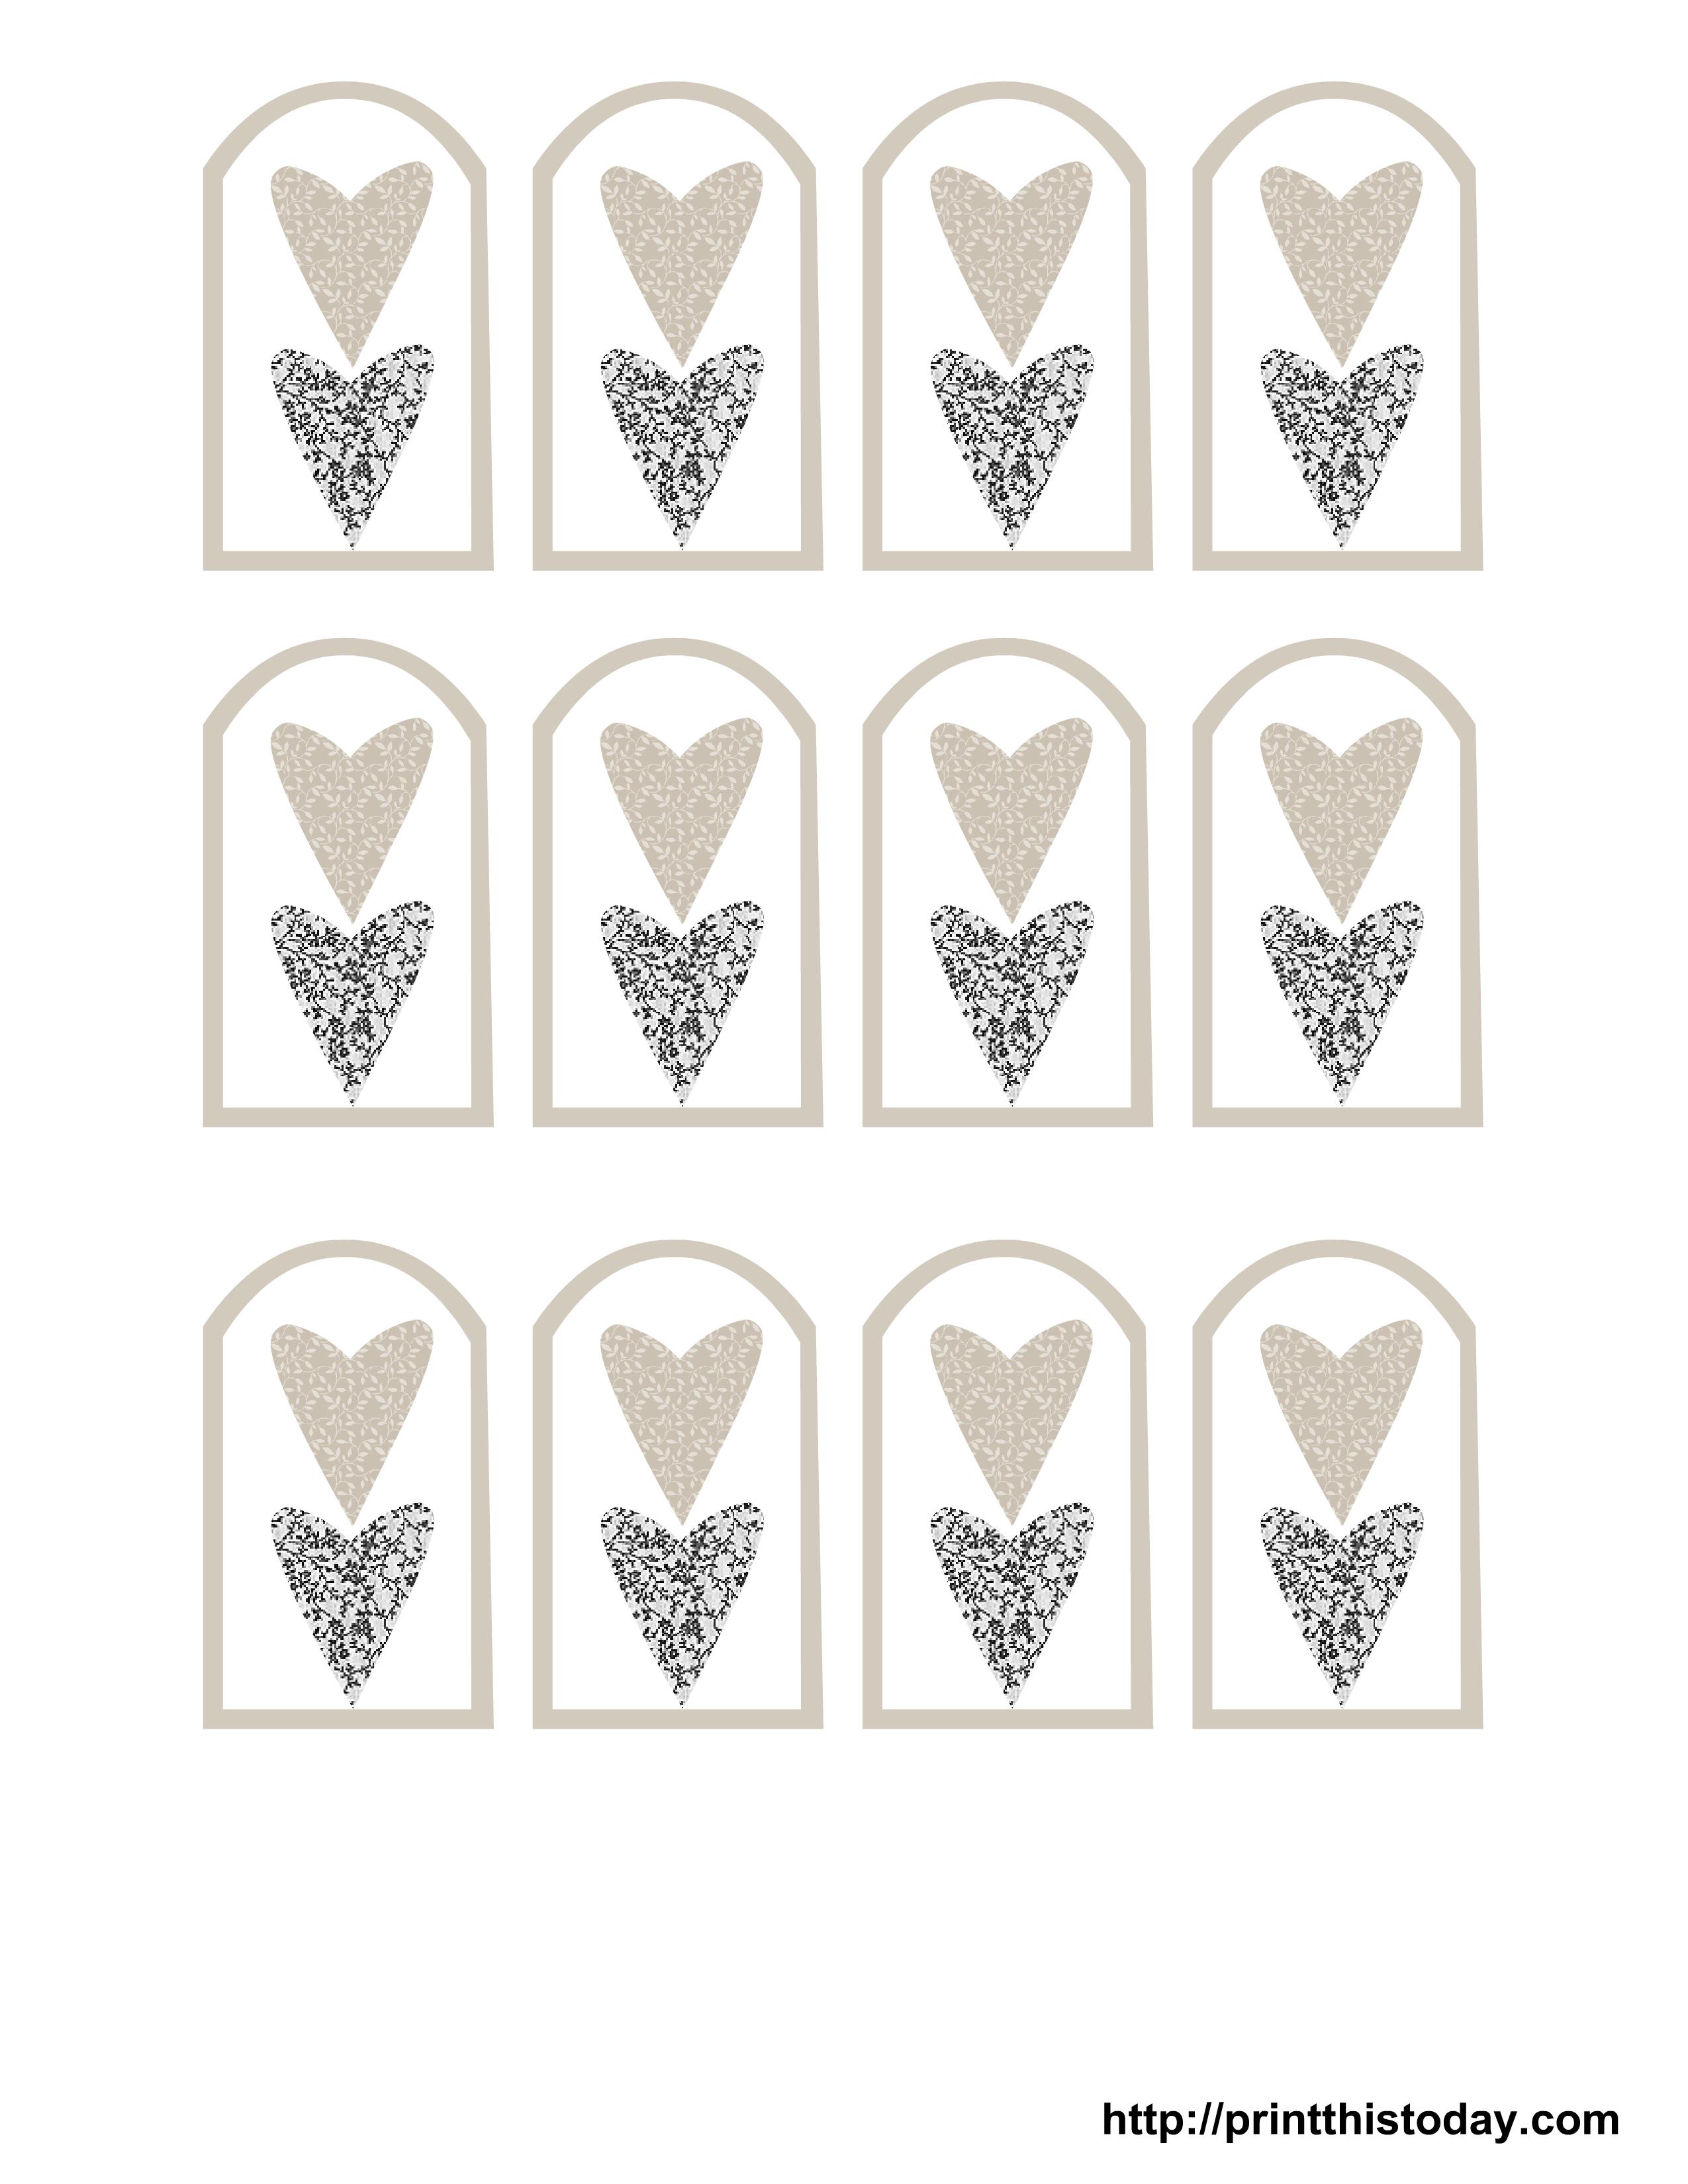 Wedding Gift Tags To Print : Wedding Favor Tags Free PrintableFree Printable Wedding Favor Tags ...